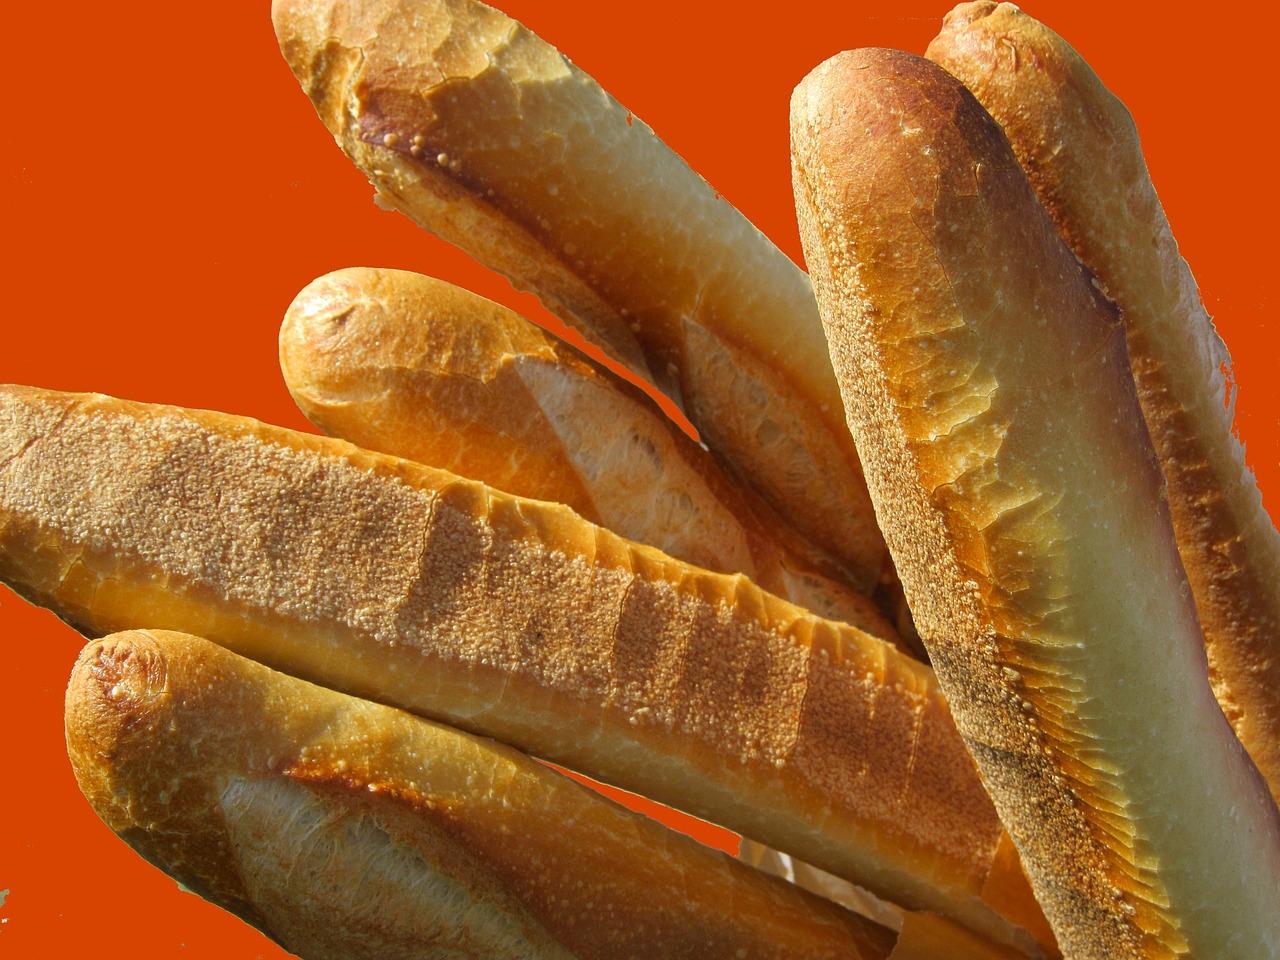 La baguette est souvent utilisée comme indice de sucre maximum pour évaluer les autres aliments via l'index glycémique.